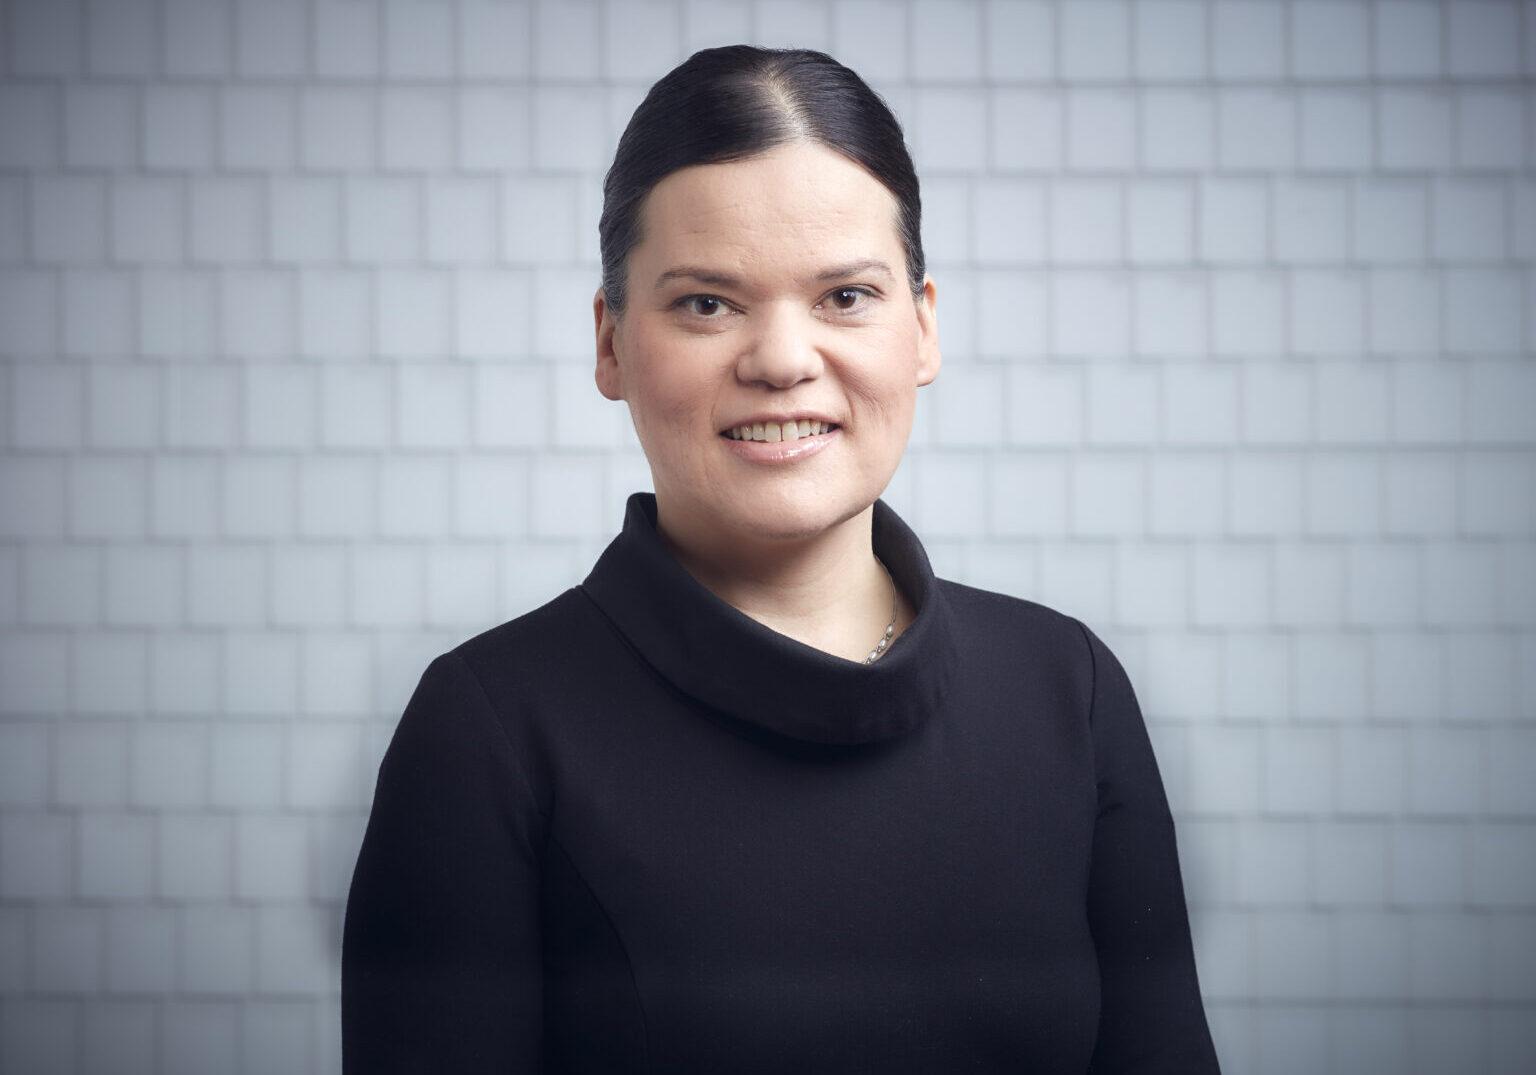 Leyla Akgez-Laakso